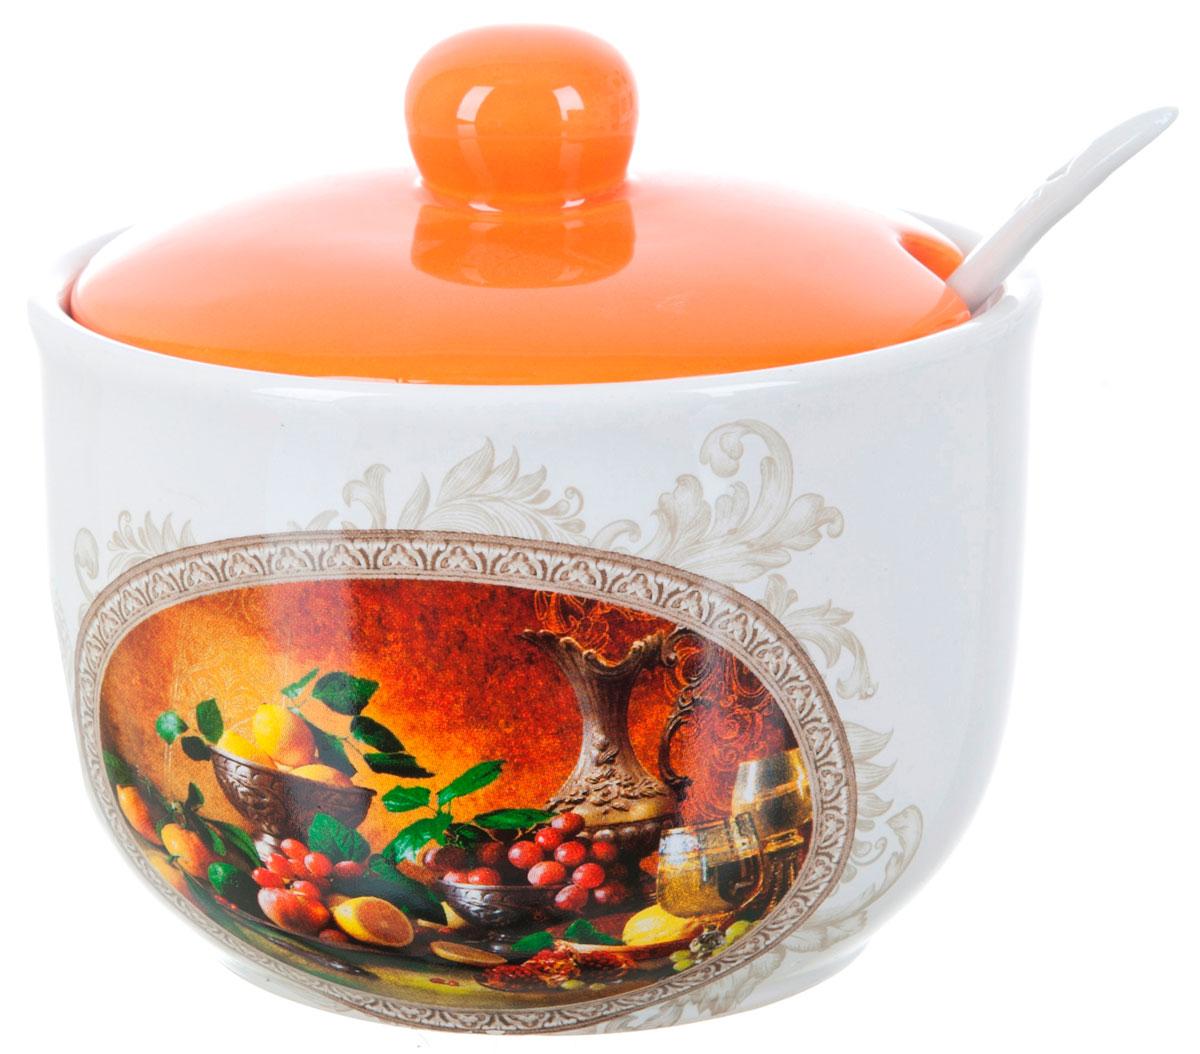 Сахарница ENS Group Севилья, с ложкой, 400 млL2520561Сахарница Севилья с крышкой и ложкой изготовлена из керамики и украшена ярким рисунком. Емкость универсальна, подойдет как для сахара, так и для специй или меда. Можно мыть в посудомоечной машине.